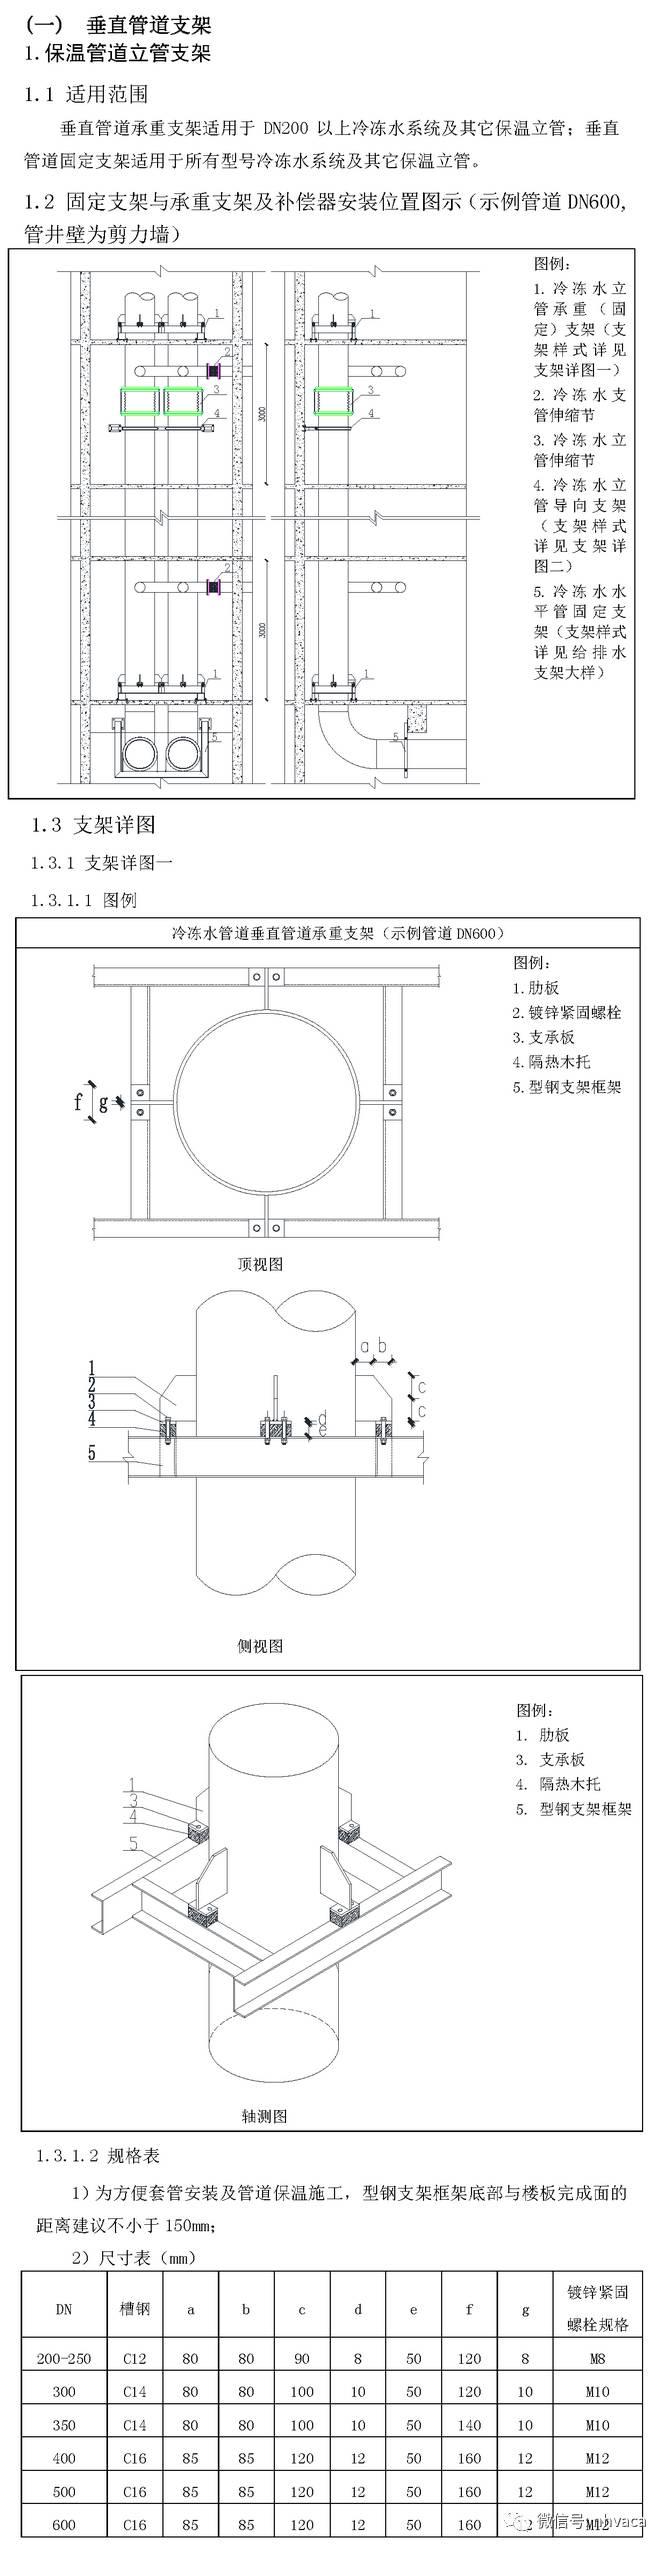 暖通空调施工工艺标准图集(53张图)_1